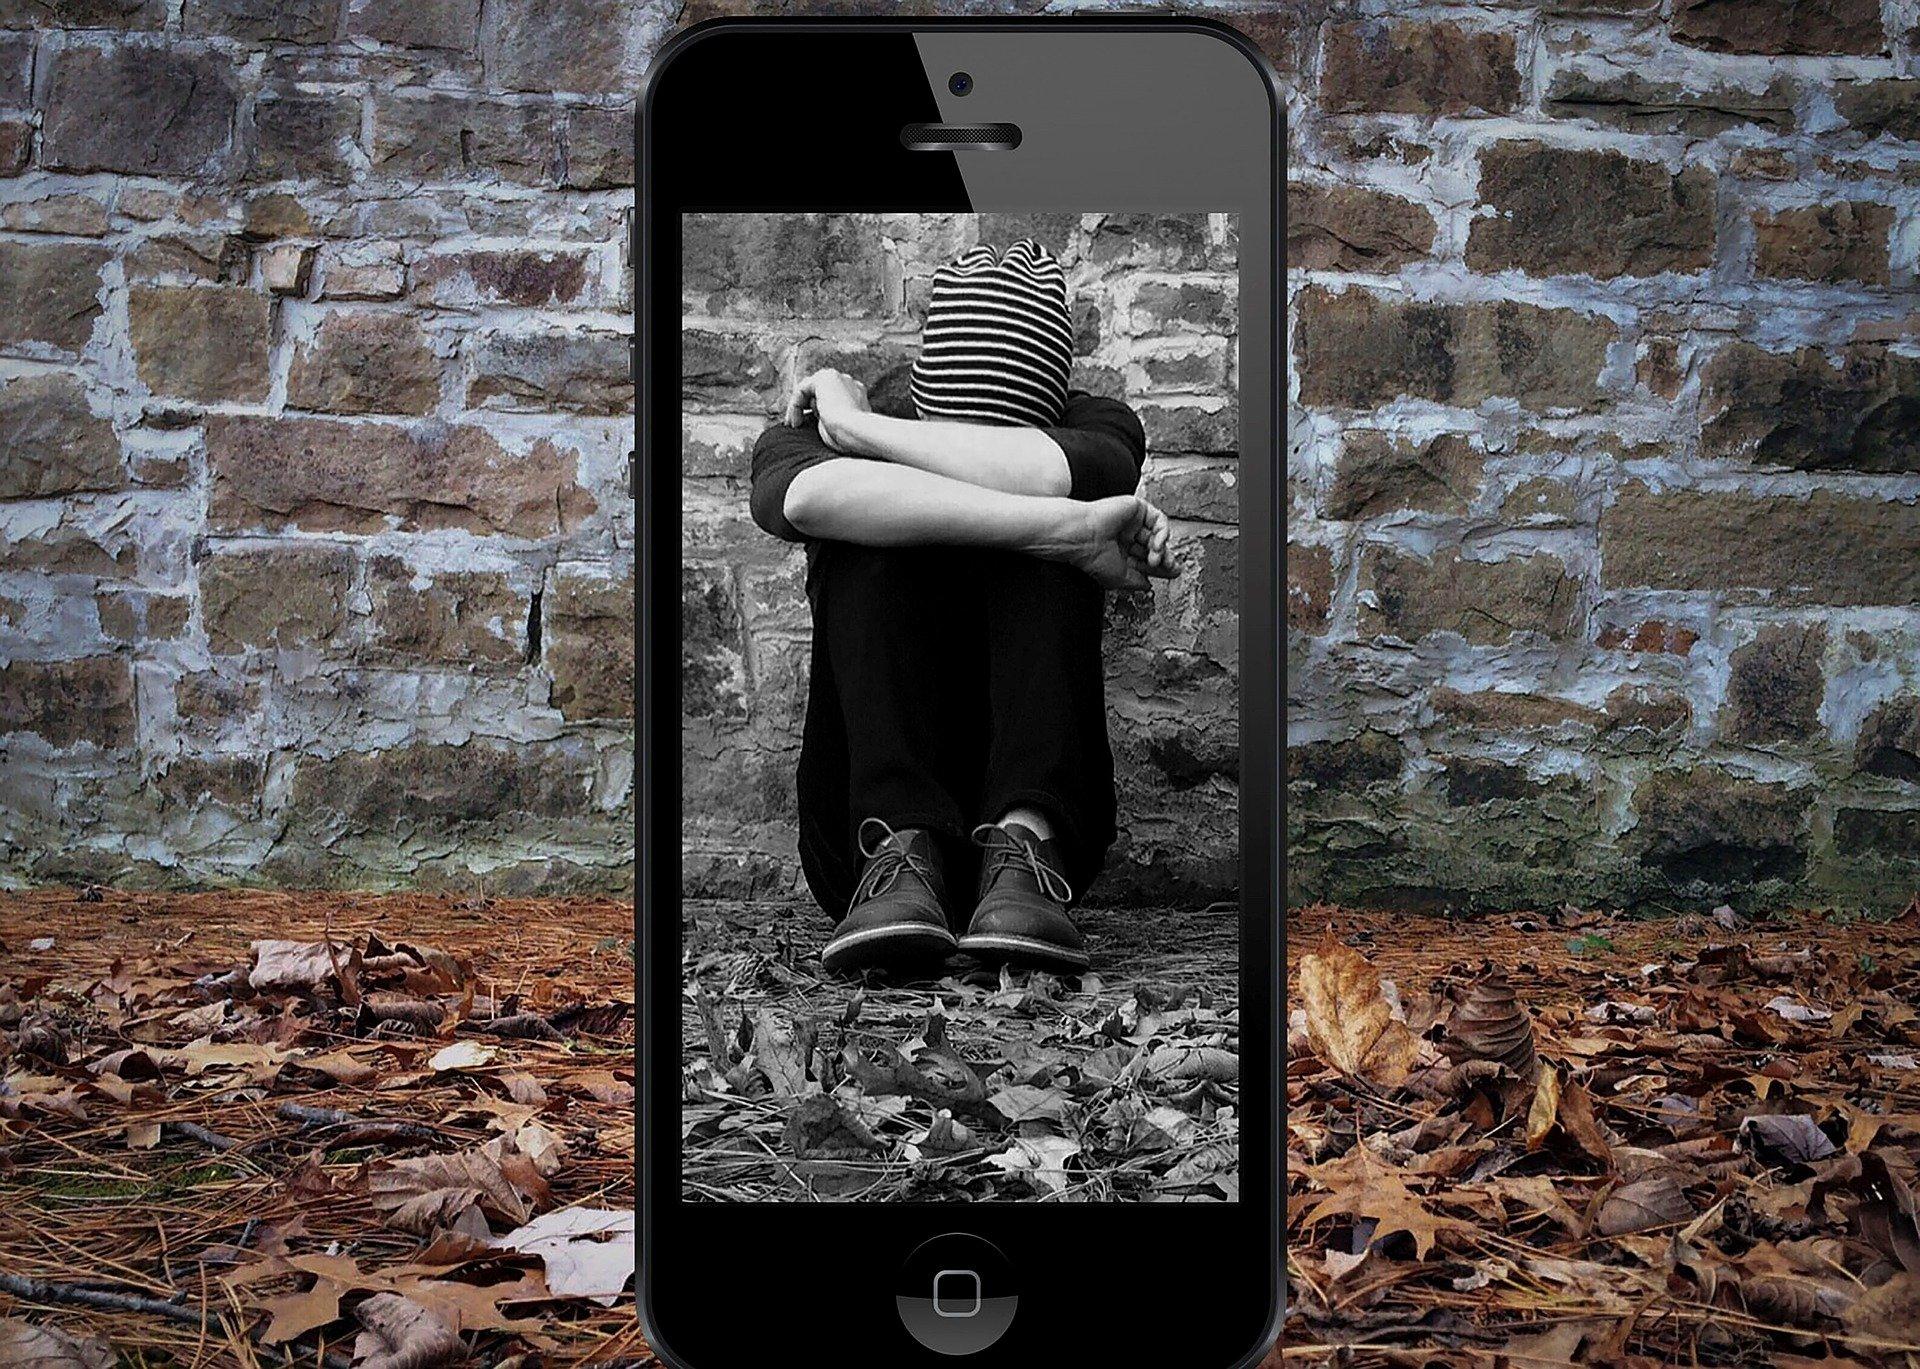 Durante la pandemia, las actitudes de acoso hacia las personas jóvenes se han mantenido en las redes sociales